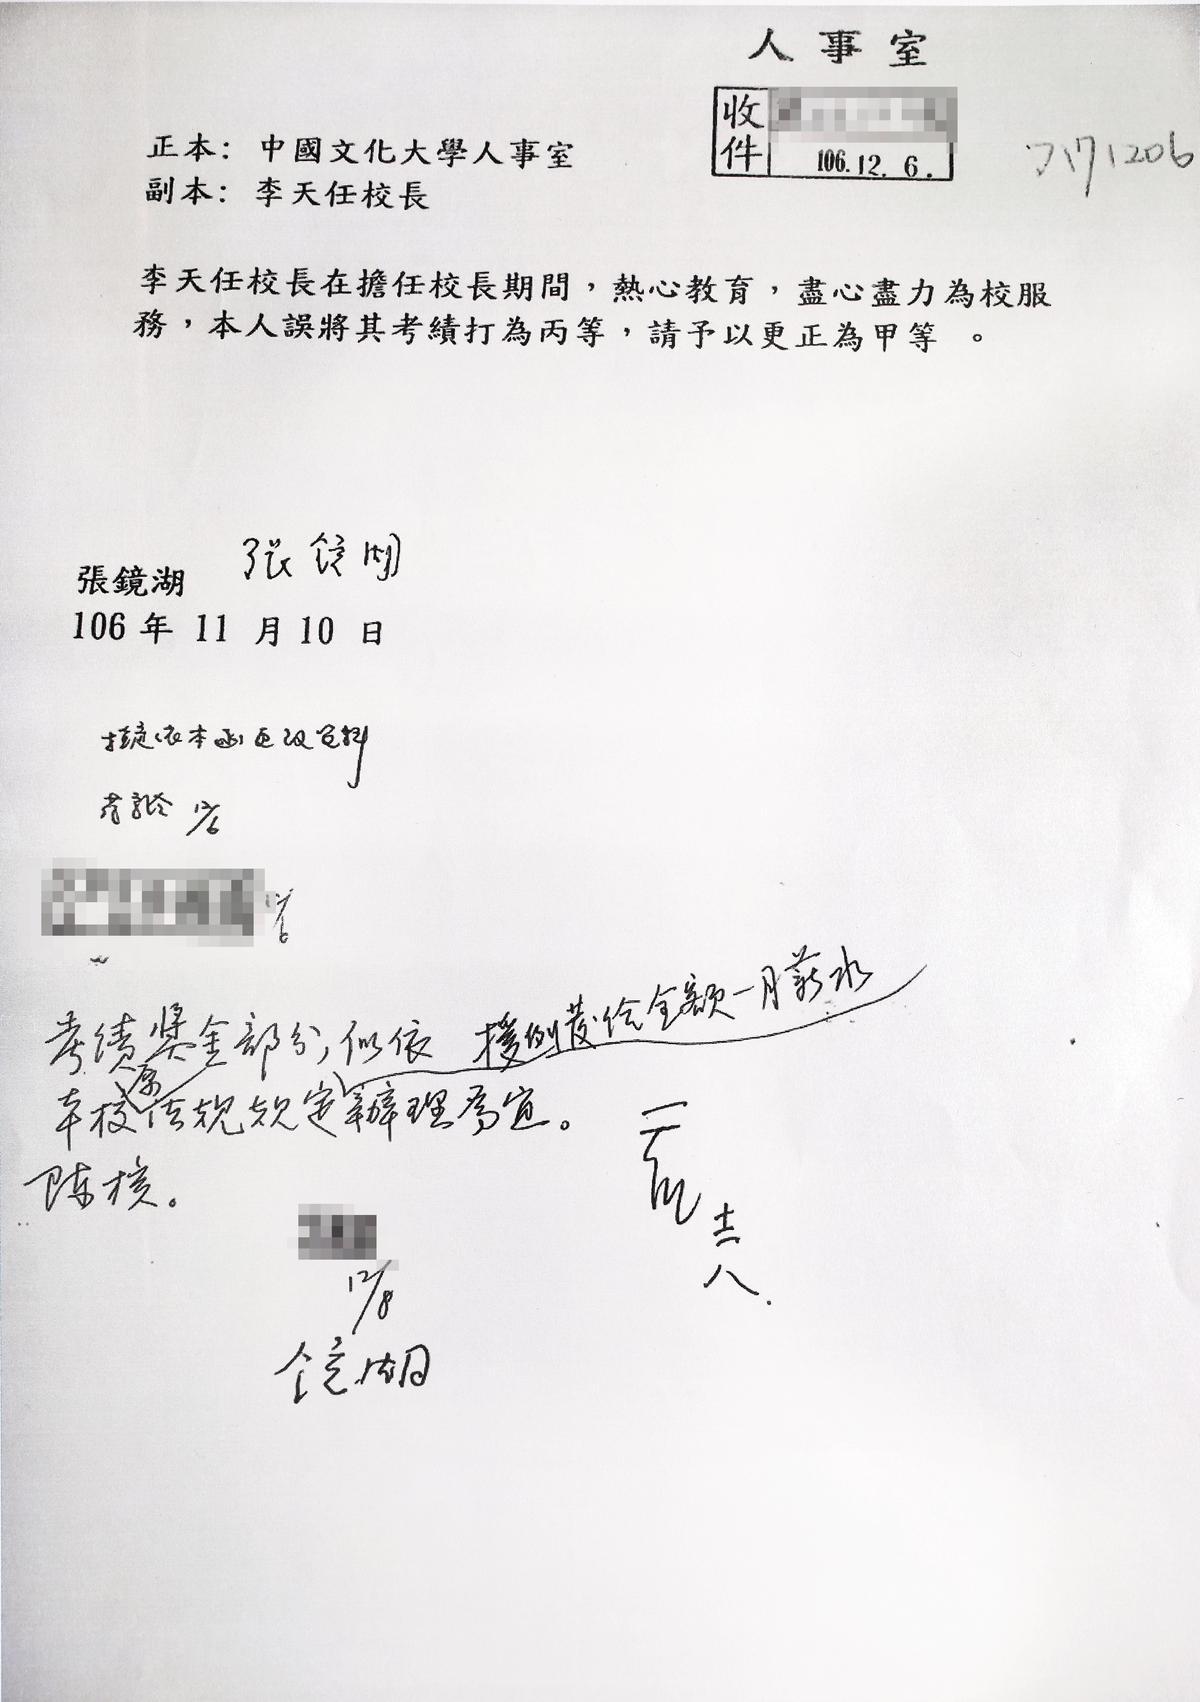 文大現任校長李天任去年考績遭打丙等而請辭,驚傳張鏡湖為了找他擔任代理校長,欲將考績改為甲等,還補發1個月獎金。